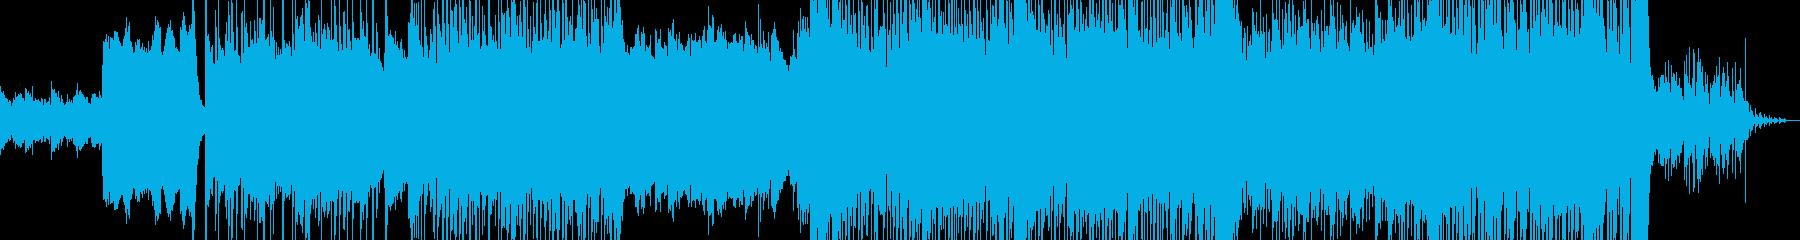 古い音と新しい音が混じった幻想的なBGMの再生済みの波形